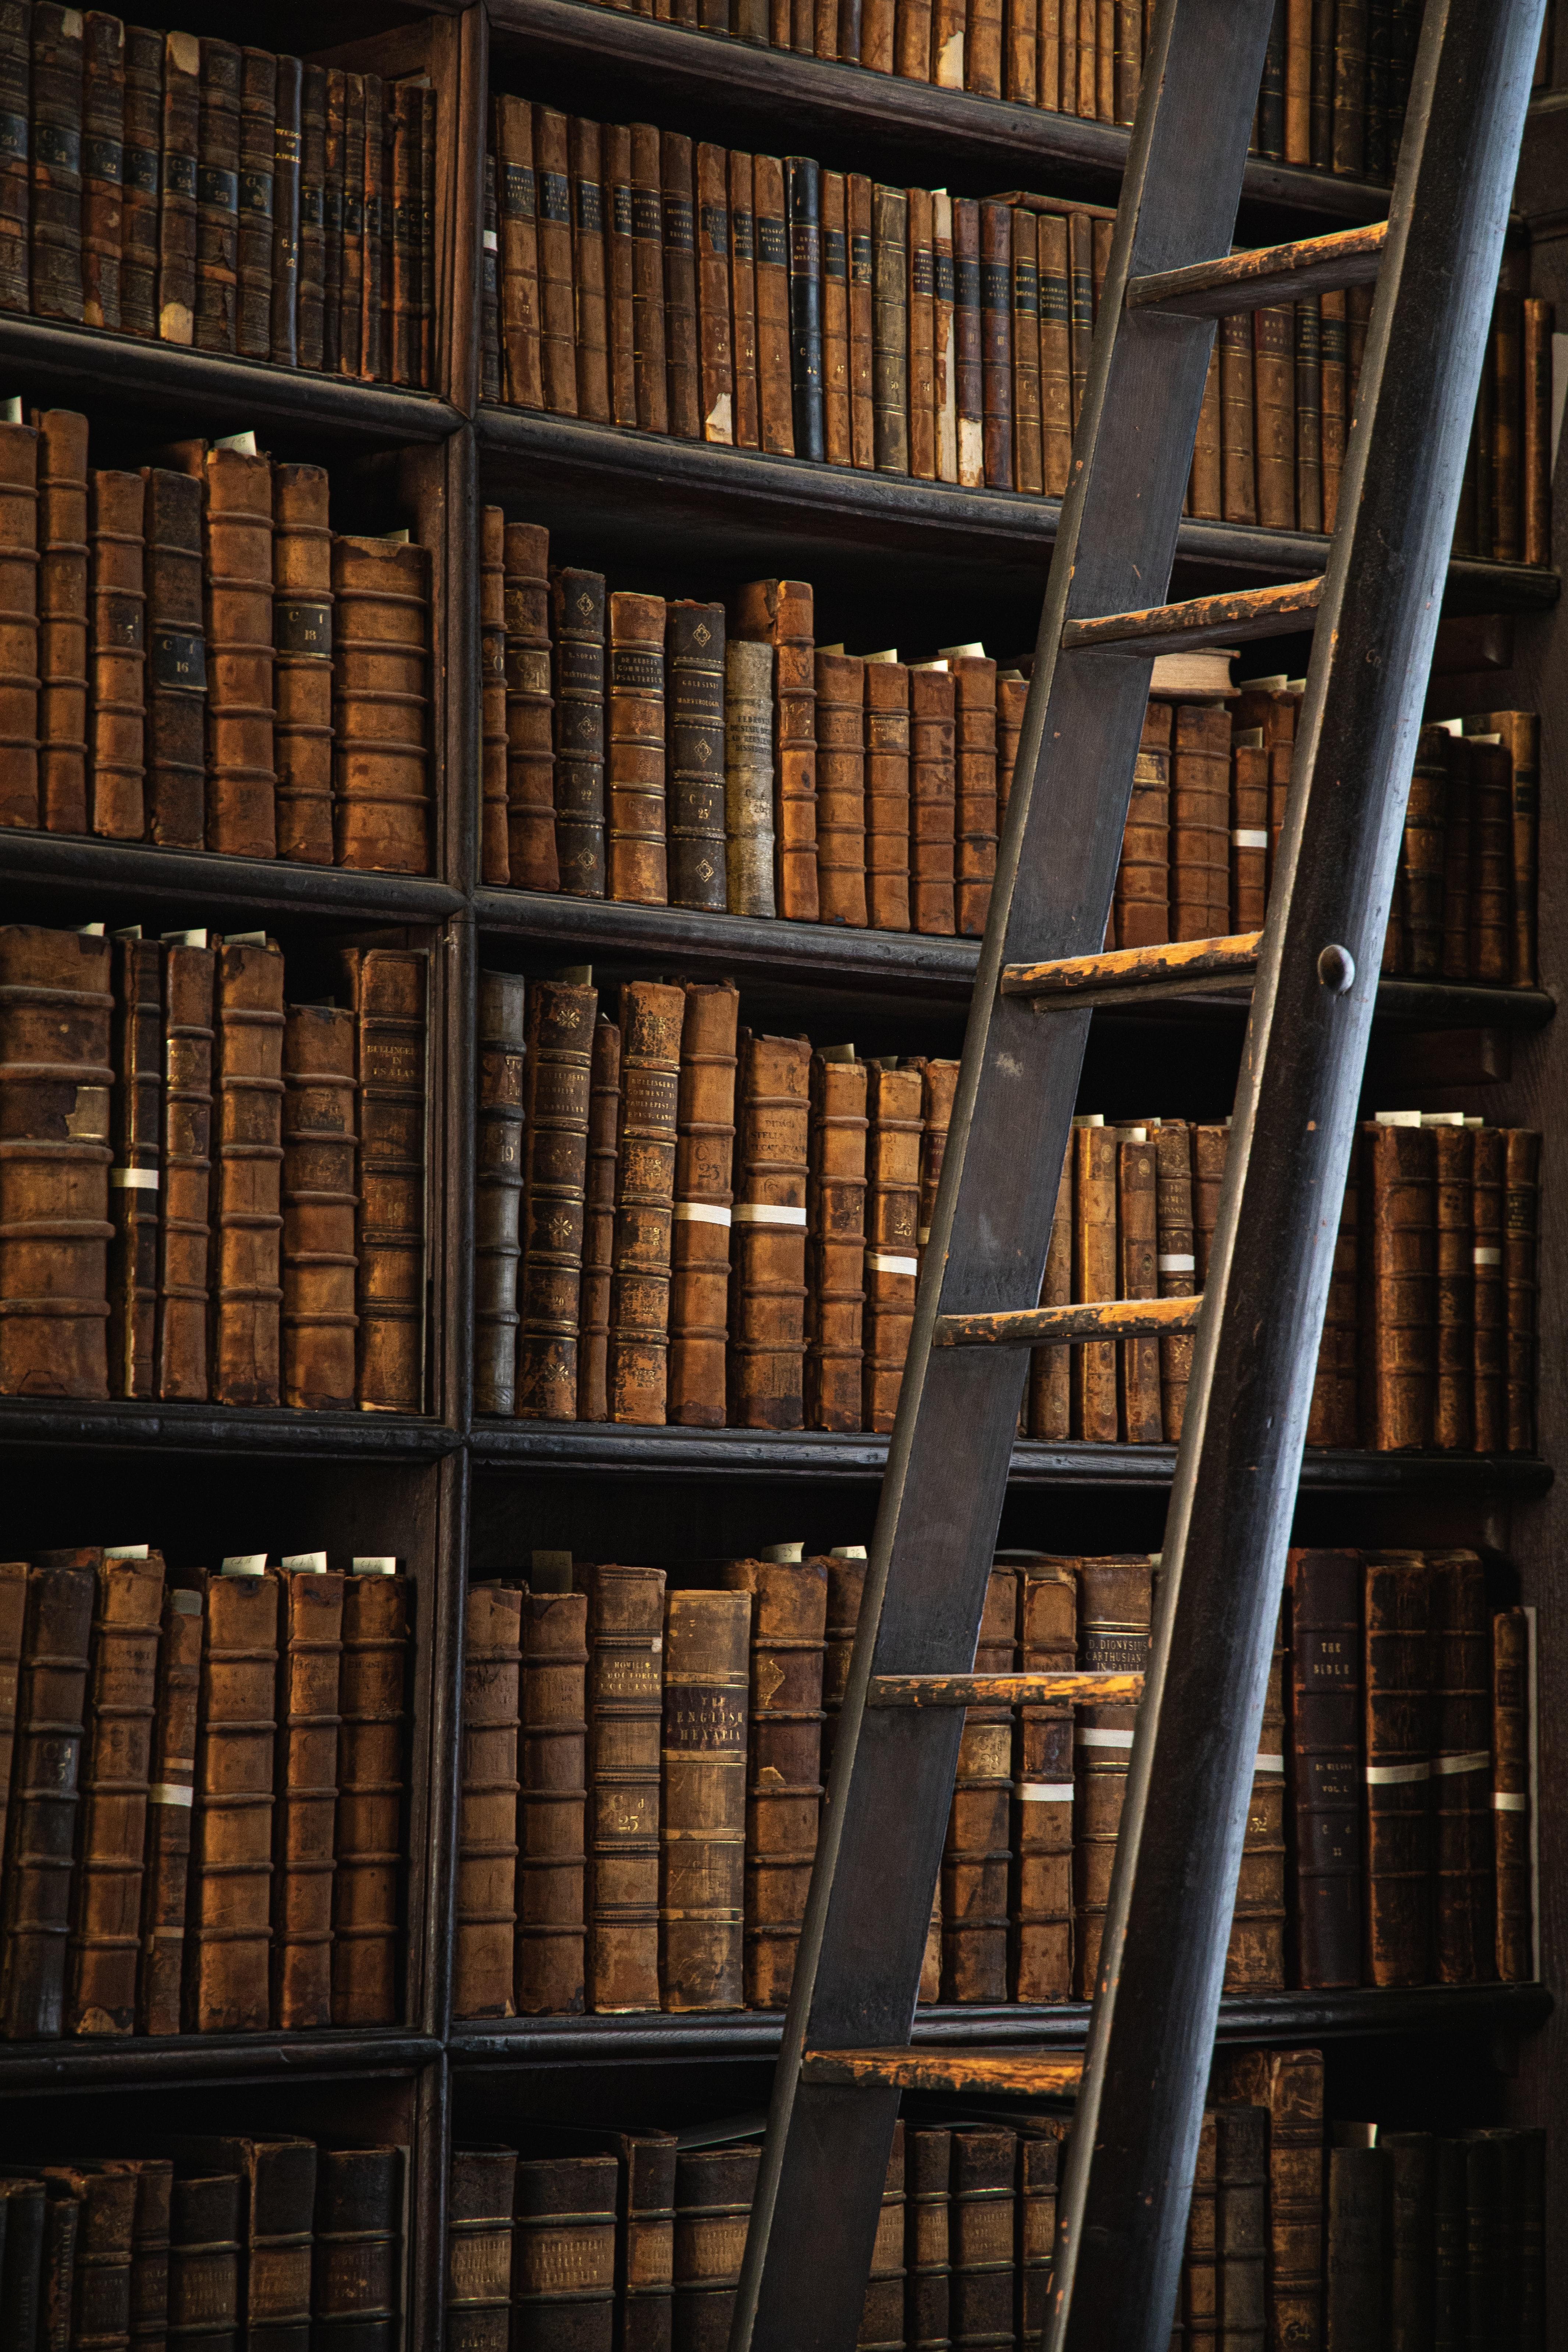 116831 скачать обои Разное, Библиотека, Книги, Стеллажи, Лестница - заставки и картинки бесплатно